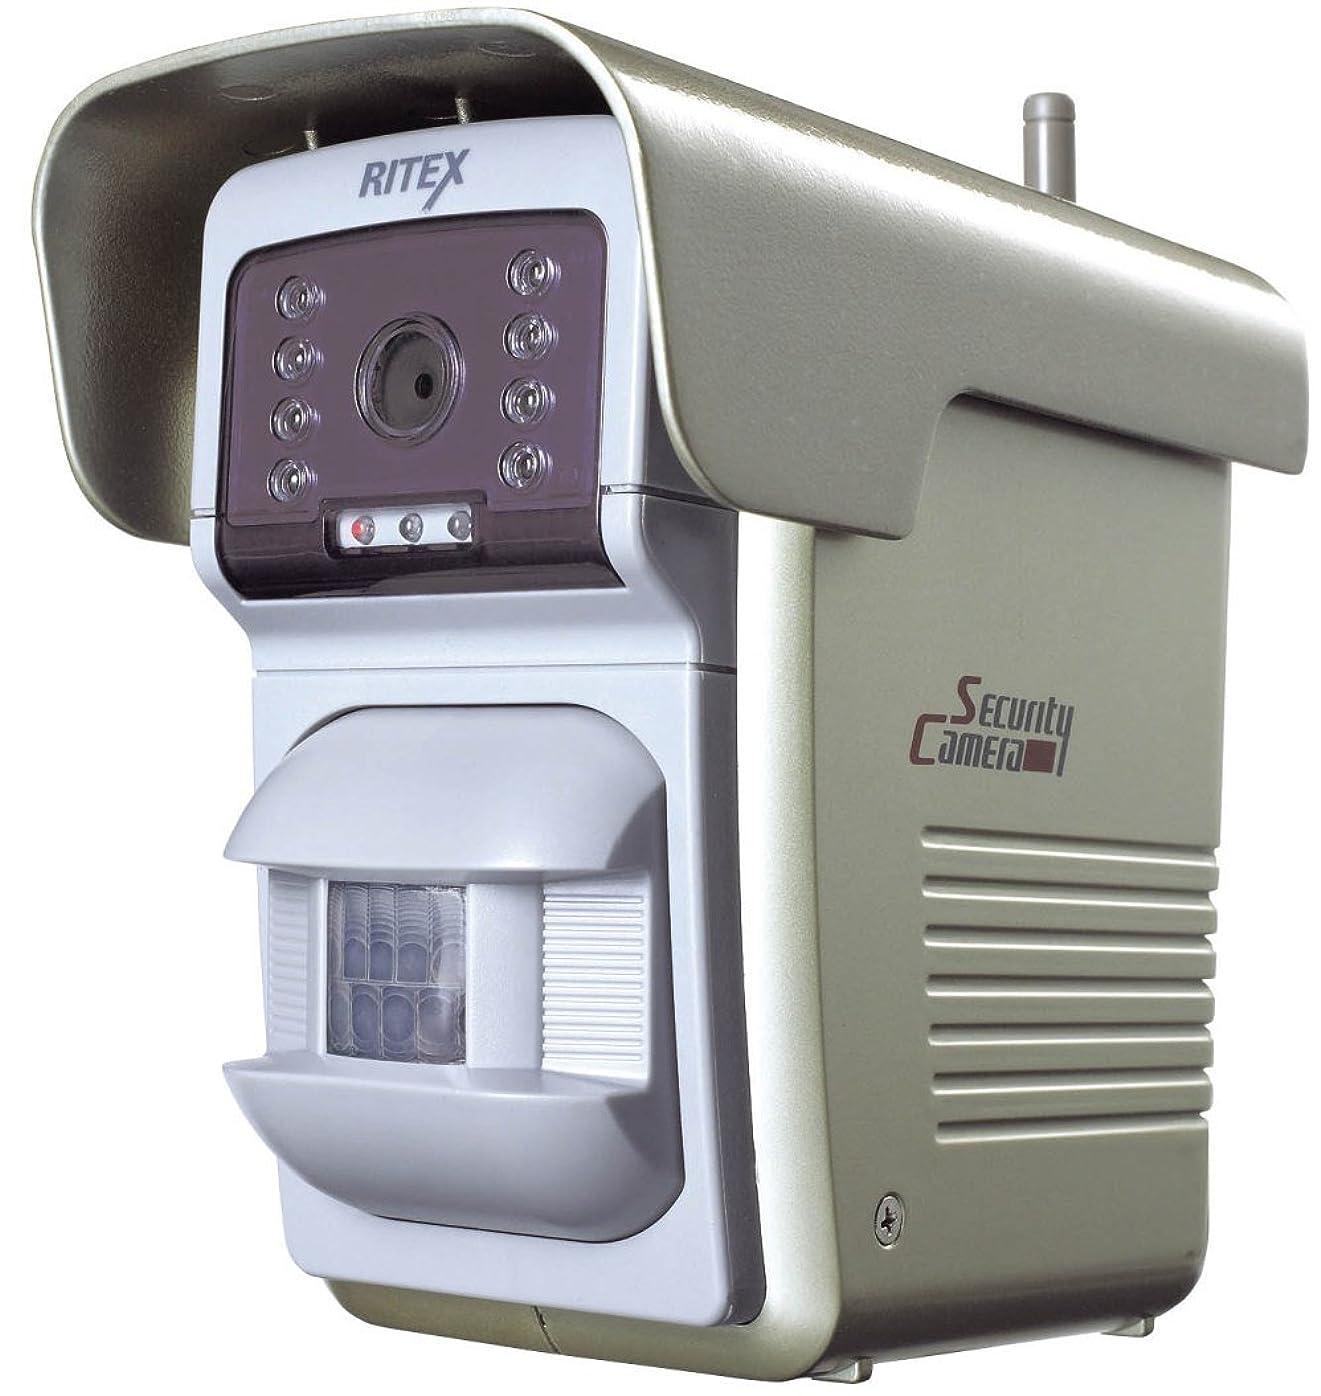 いまがっかりする練習したムサシ RITEX センサー自動撮影録画カメラ(400ショット) リモコン付き C-800